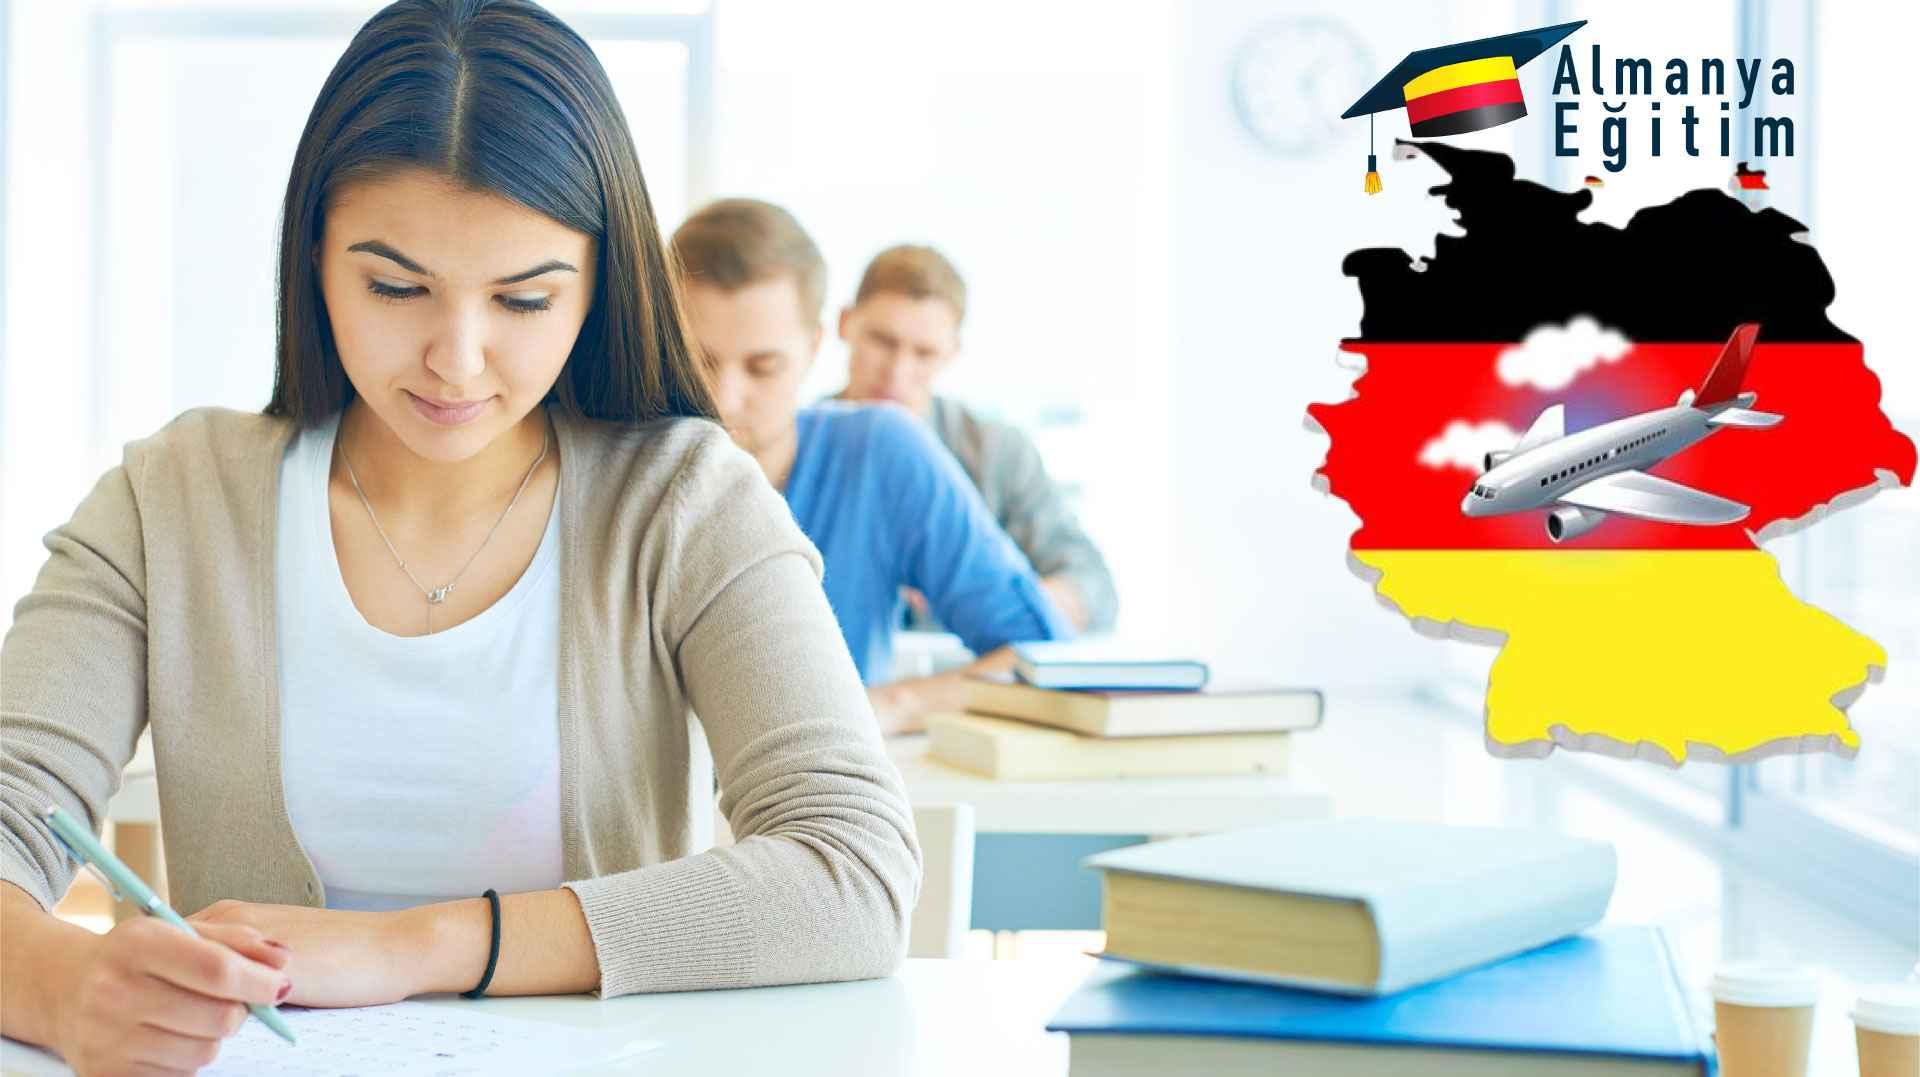 Almanya Eğitim Danışmanlığı